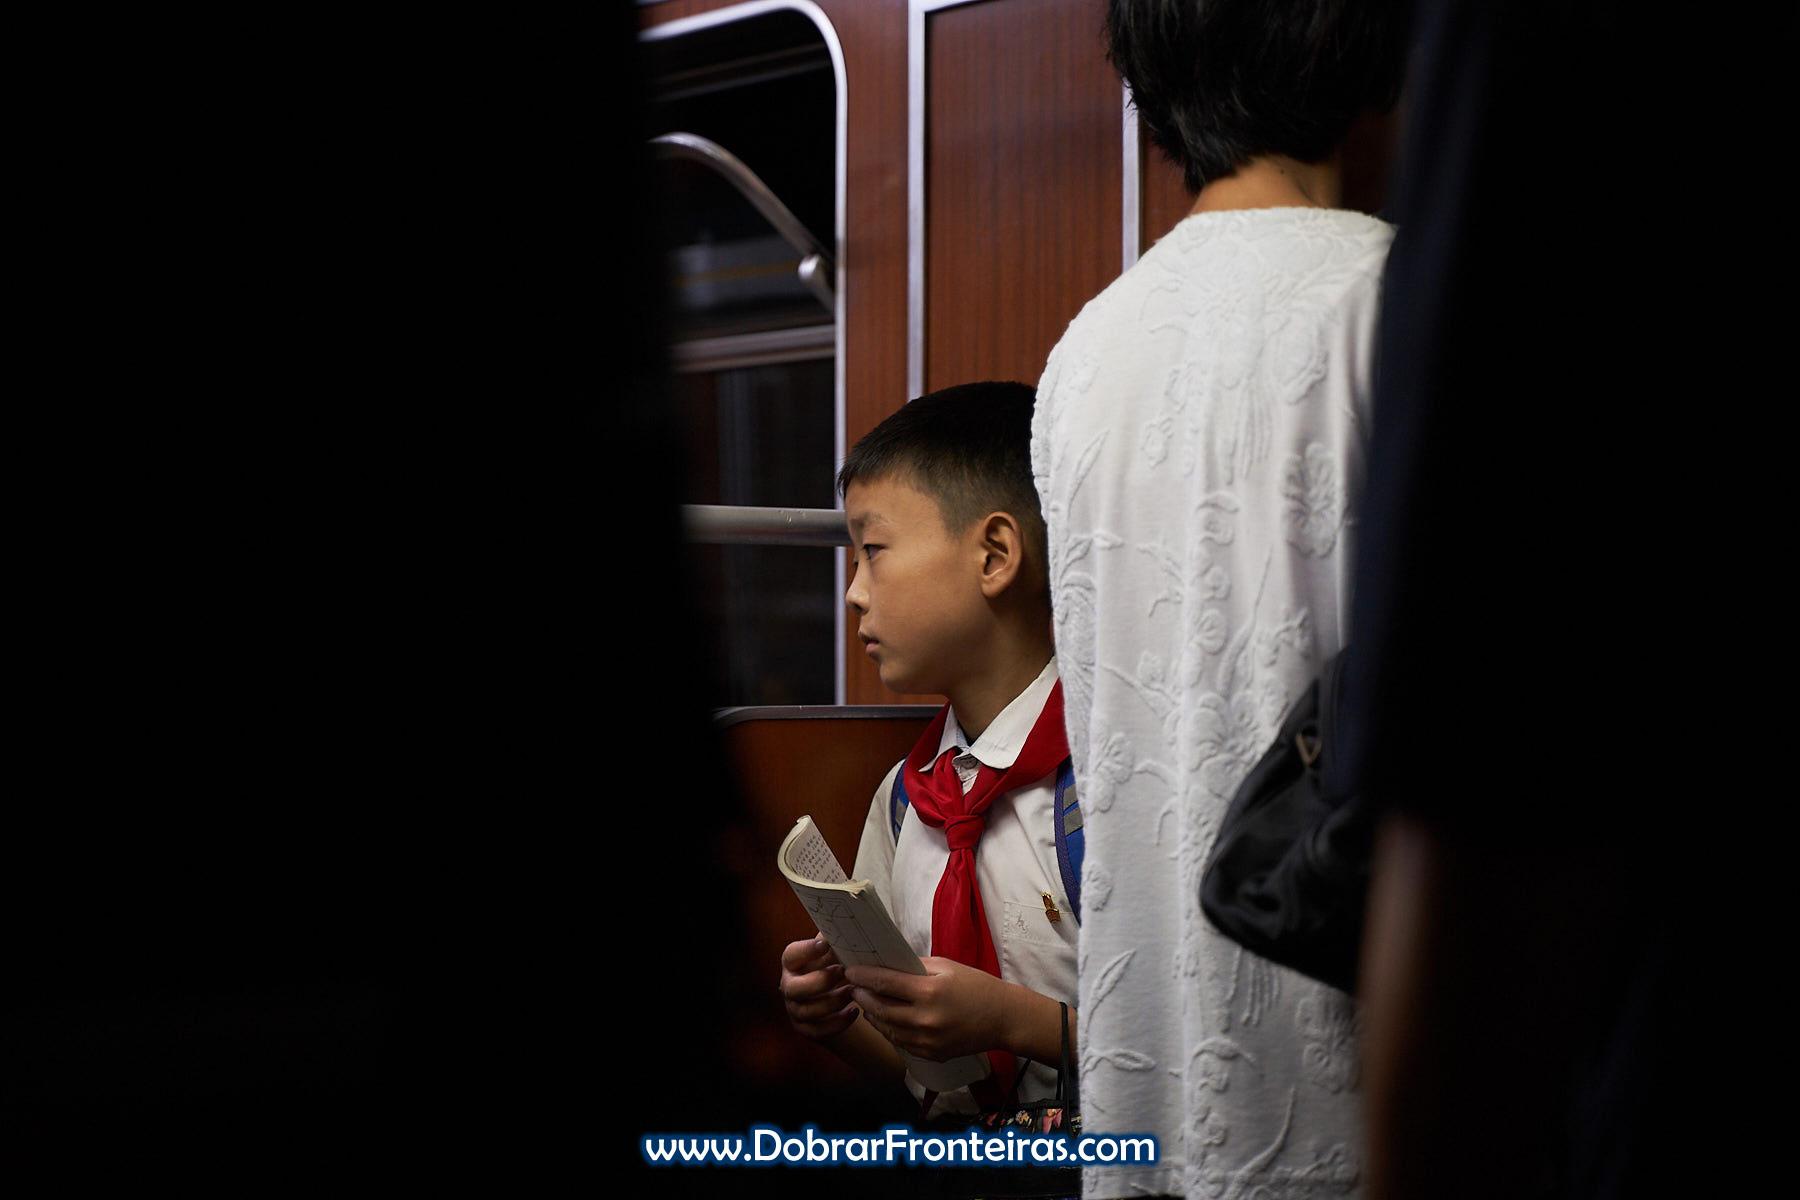 Criança com lenço vermelho de pioneiro no metro de Pyongyang, Coreia do Norte